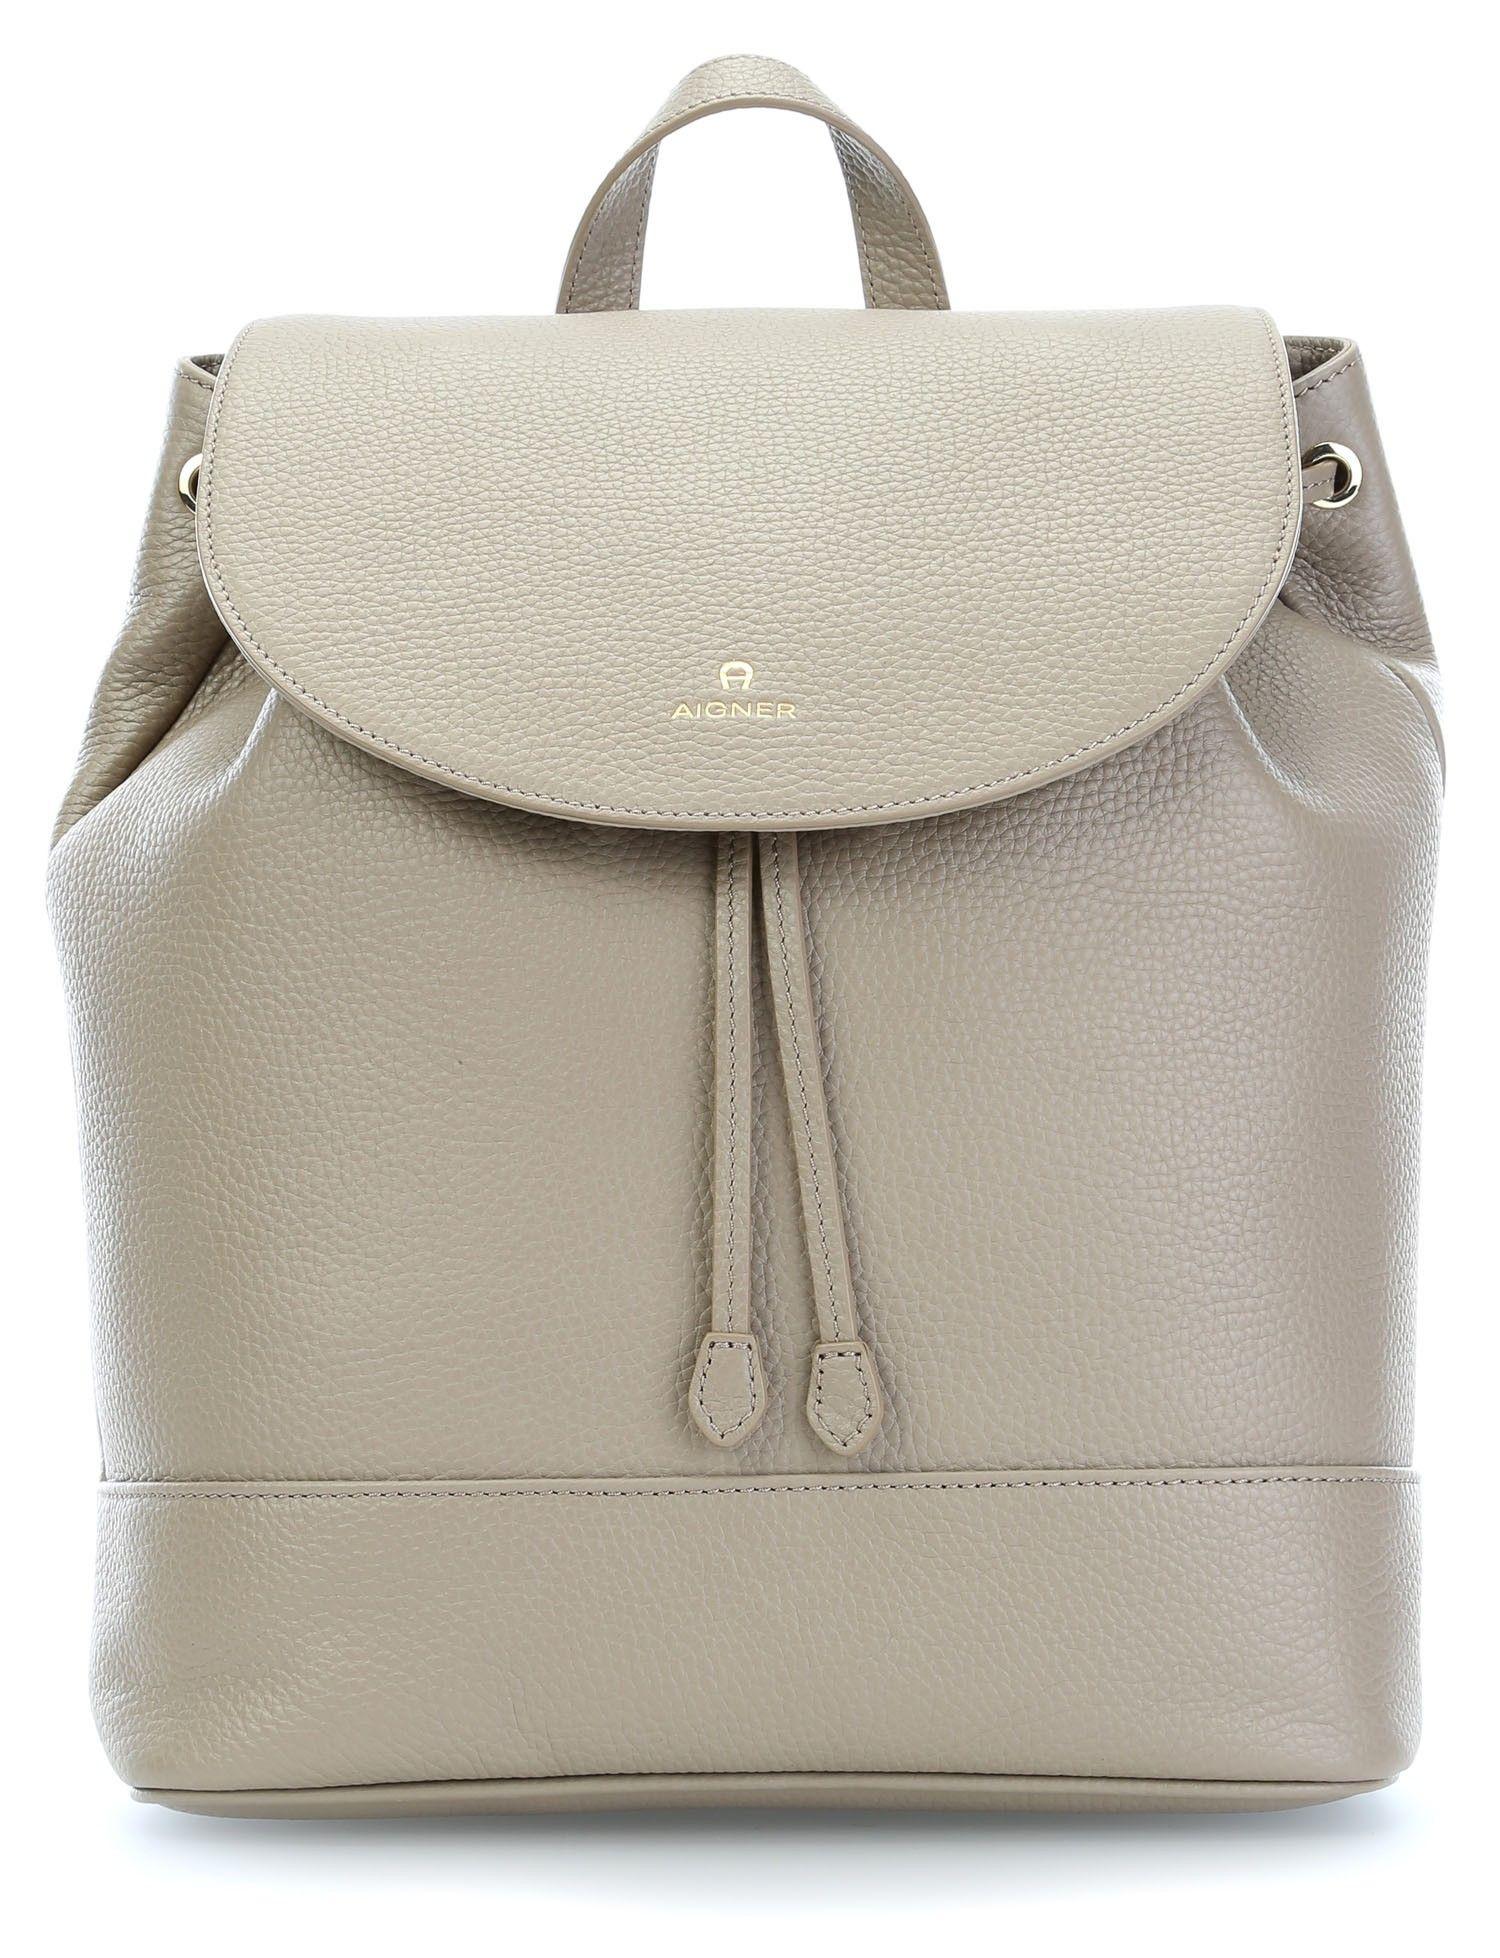 c0d9db4ae006c wardow.com -  backpack  Aigner Ivy Rucksack Leder taupe 35 cm Koffer